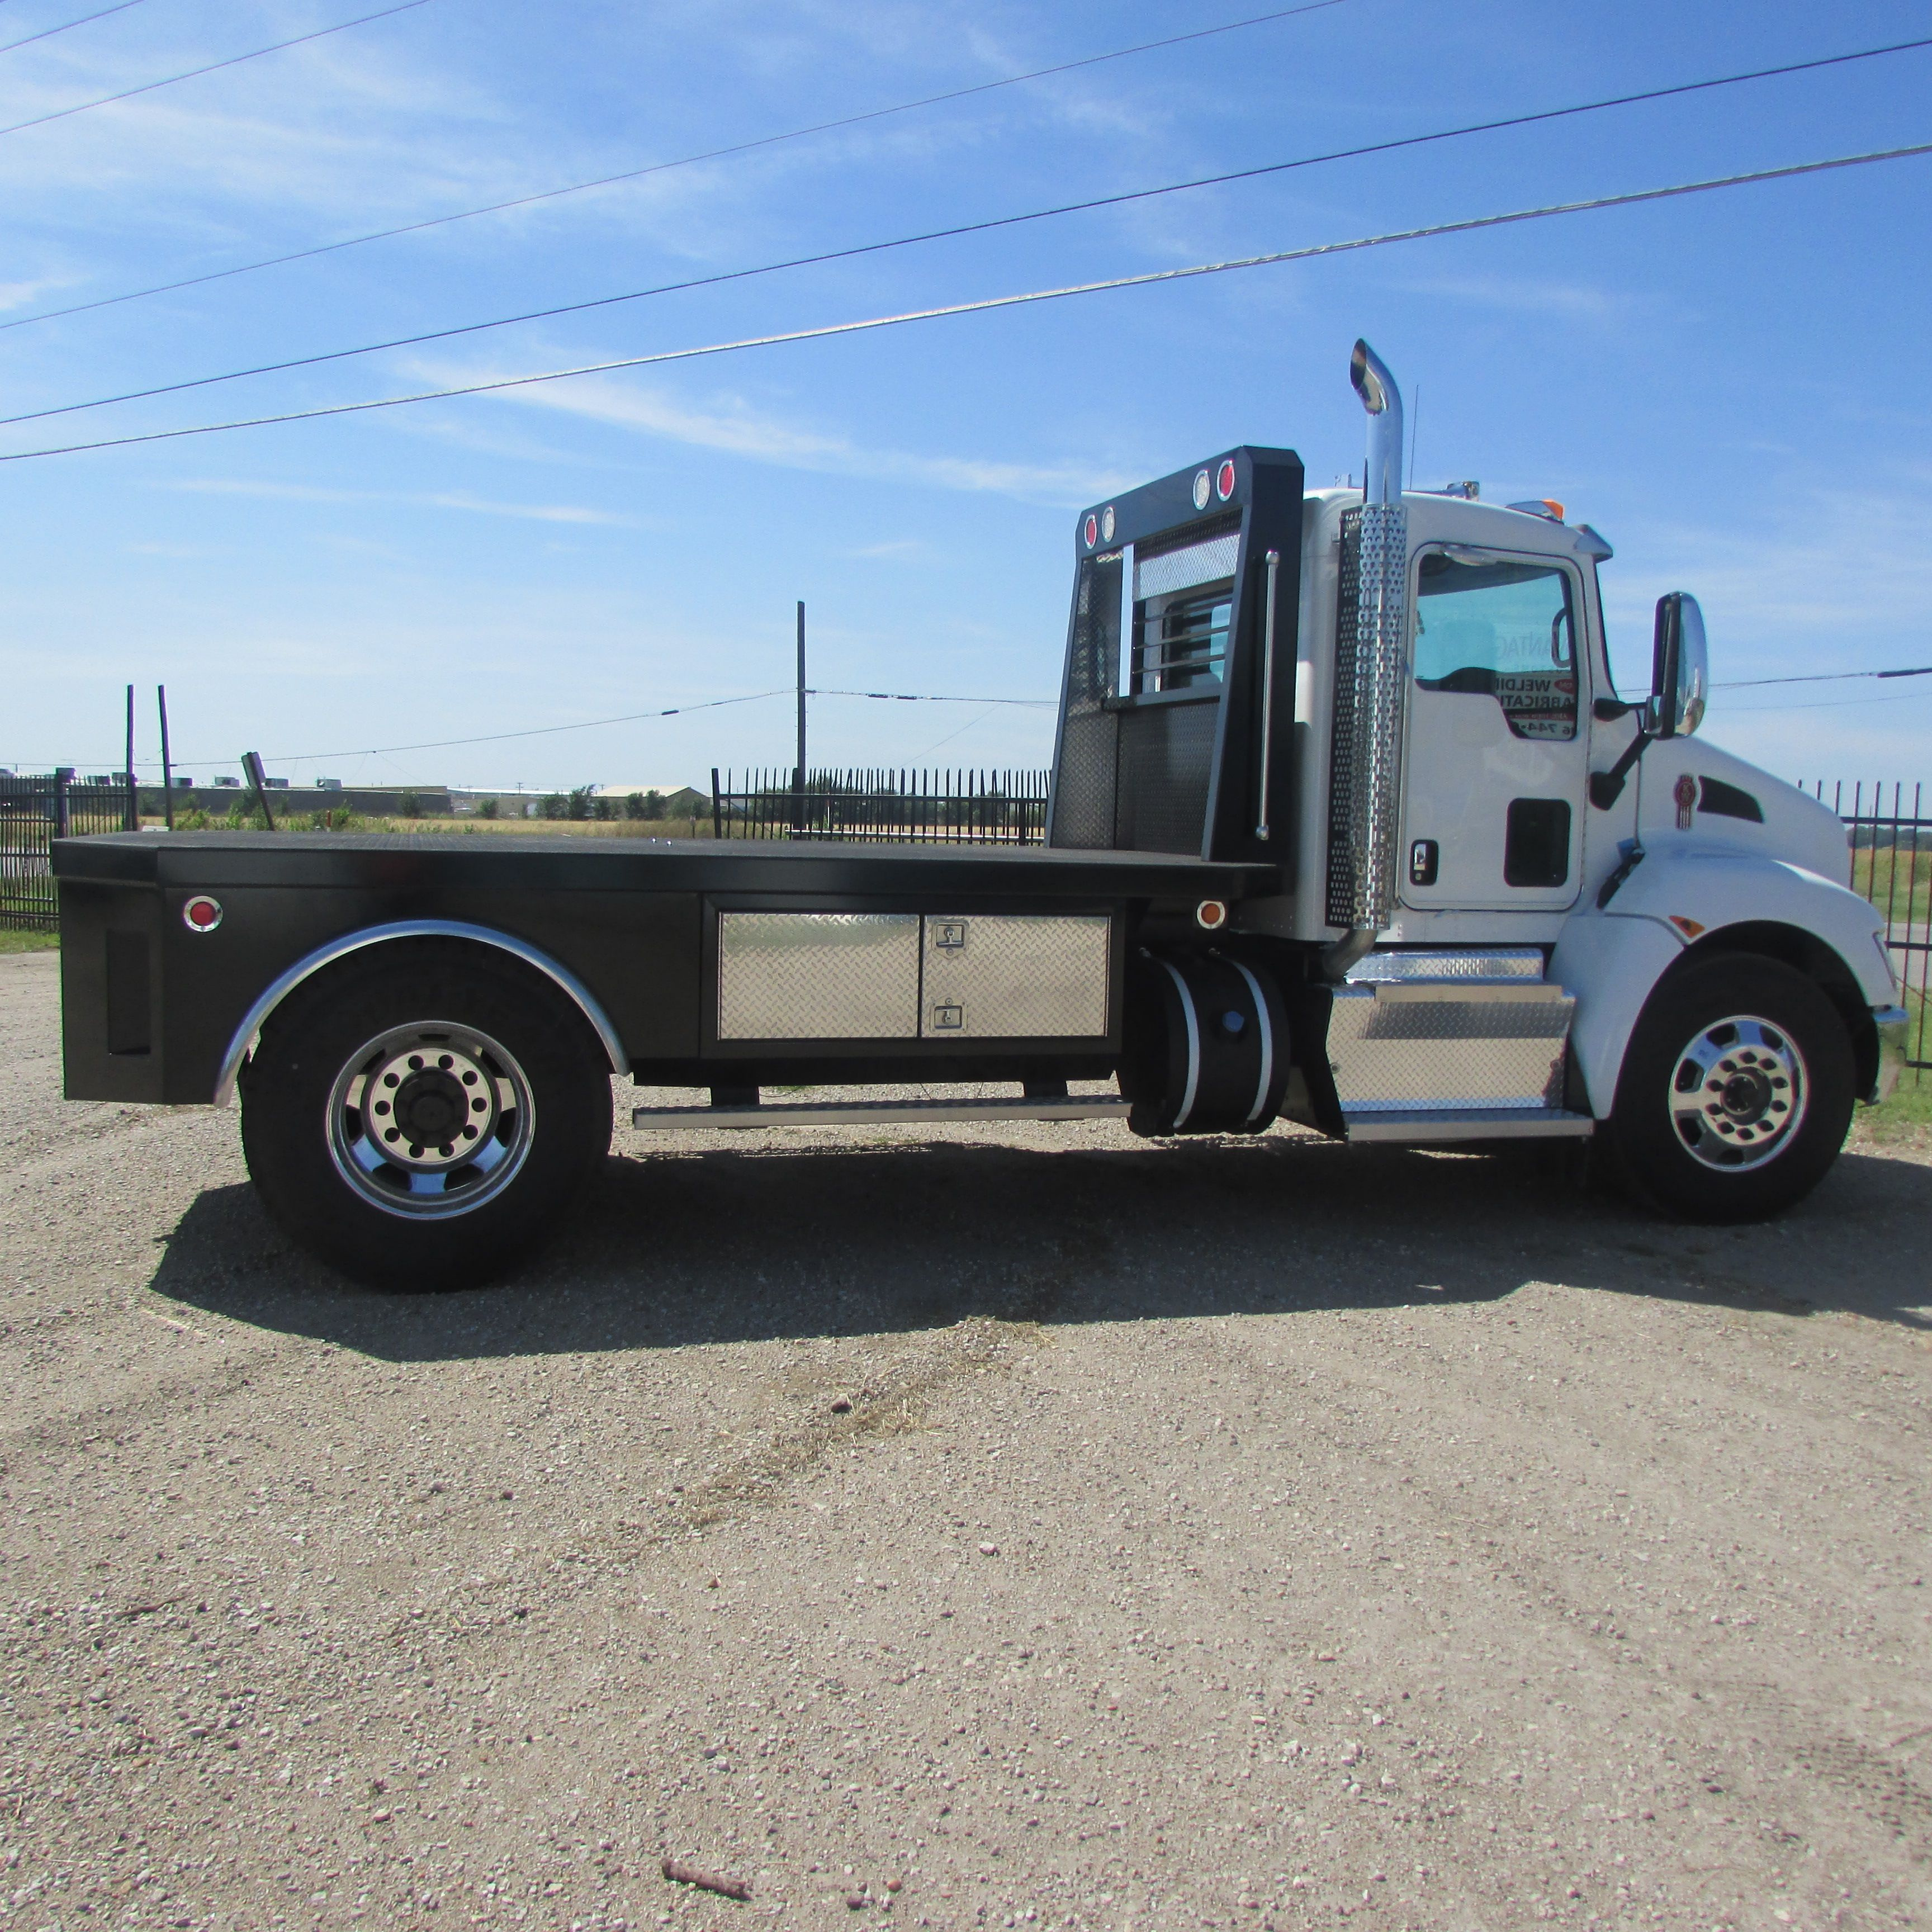 Semi Trucks Advantage Customs Semi trucks, Trucks